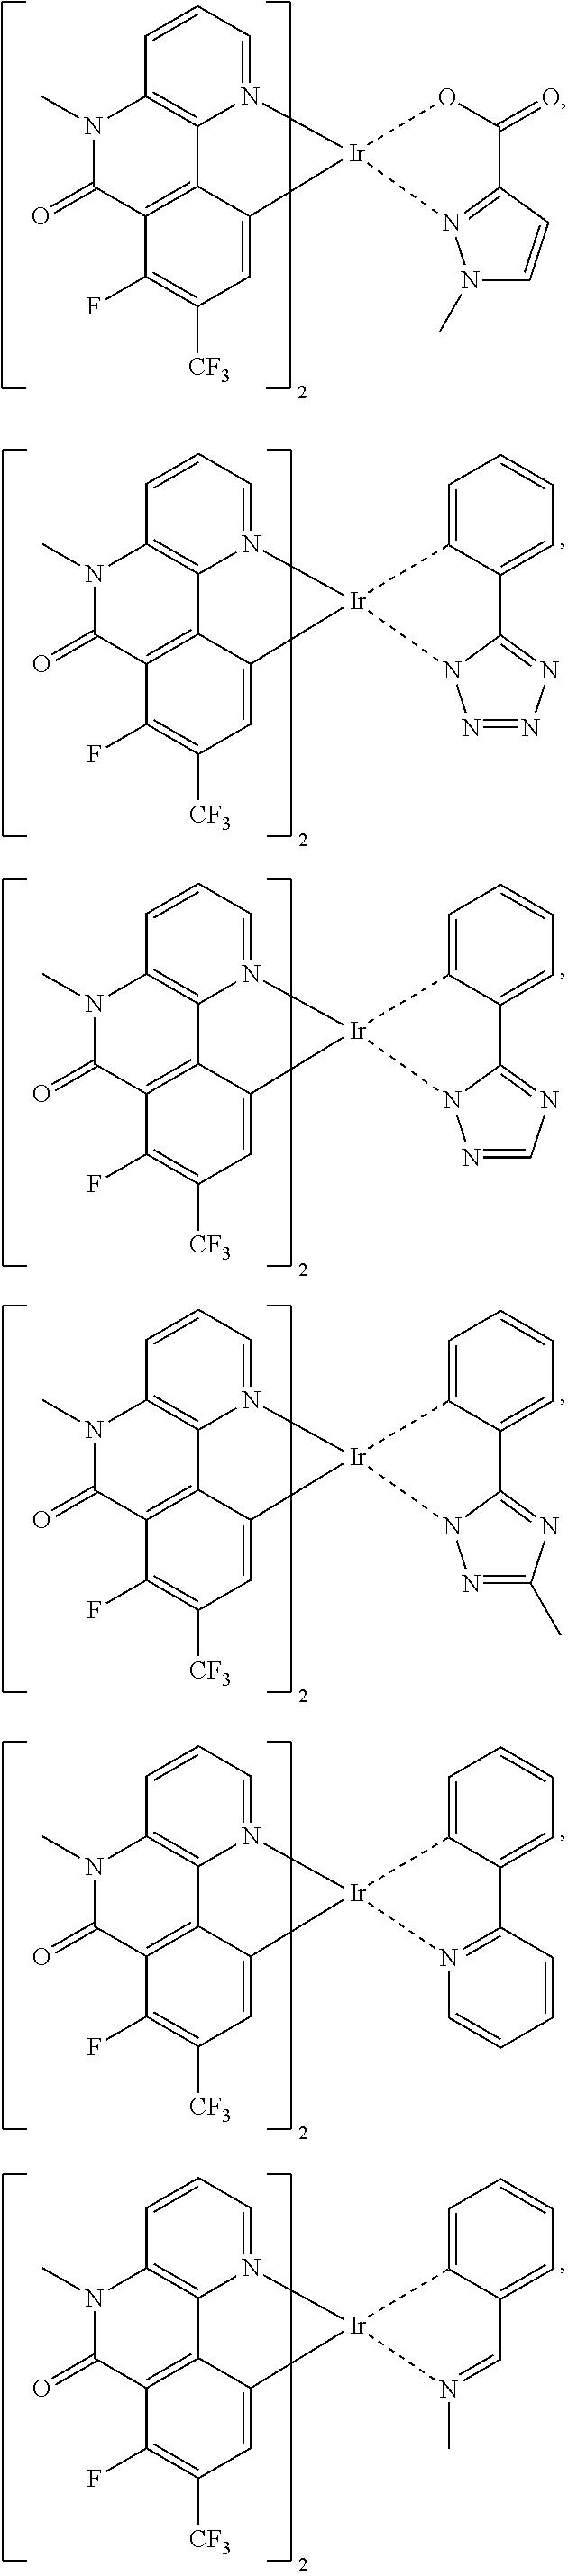 Figure US09634266-20170425-C00022